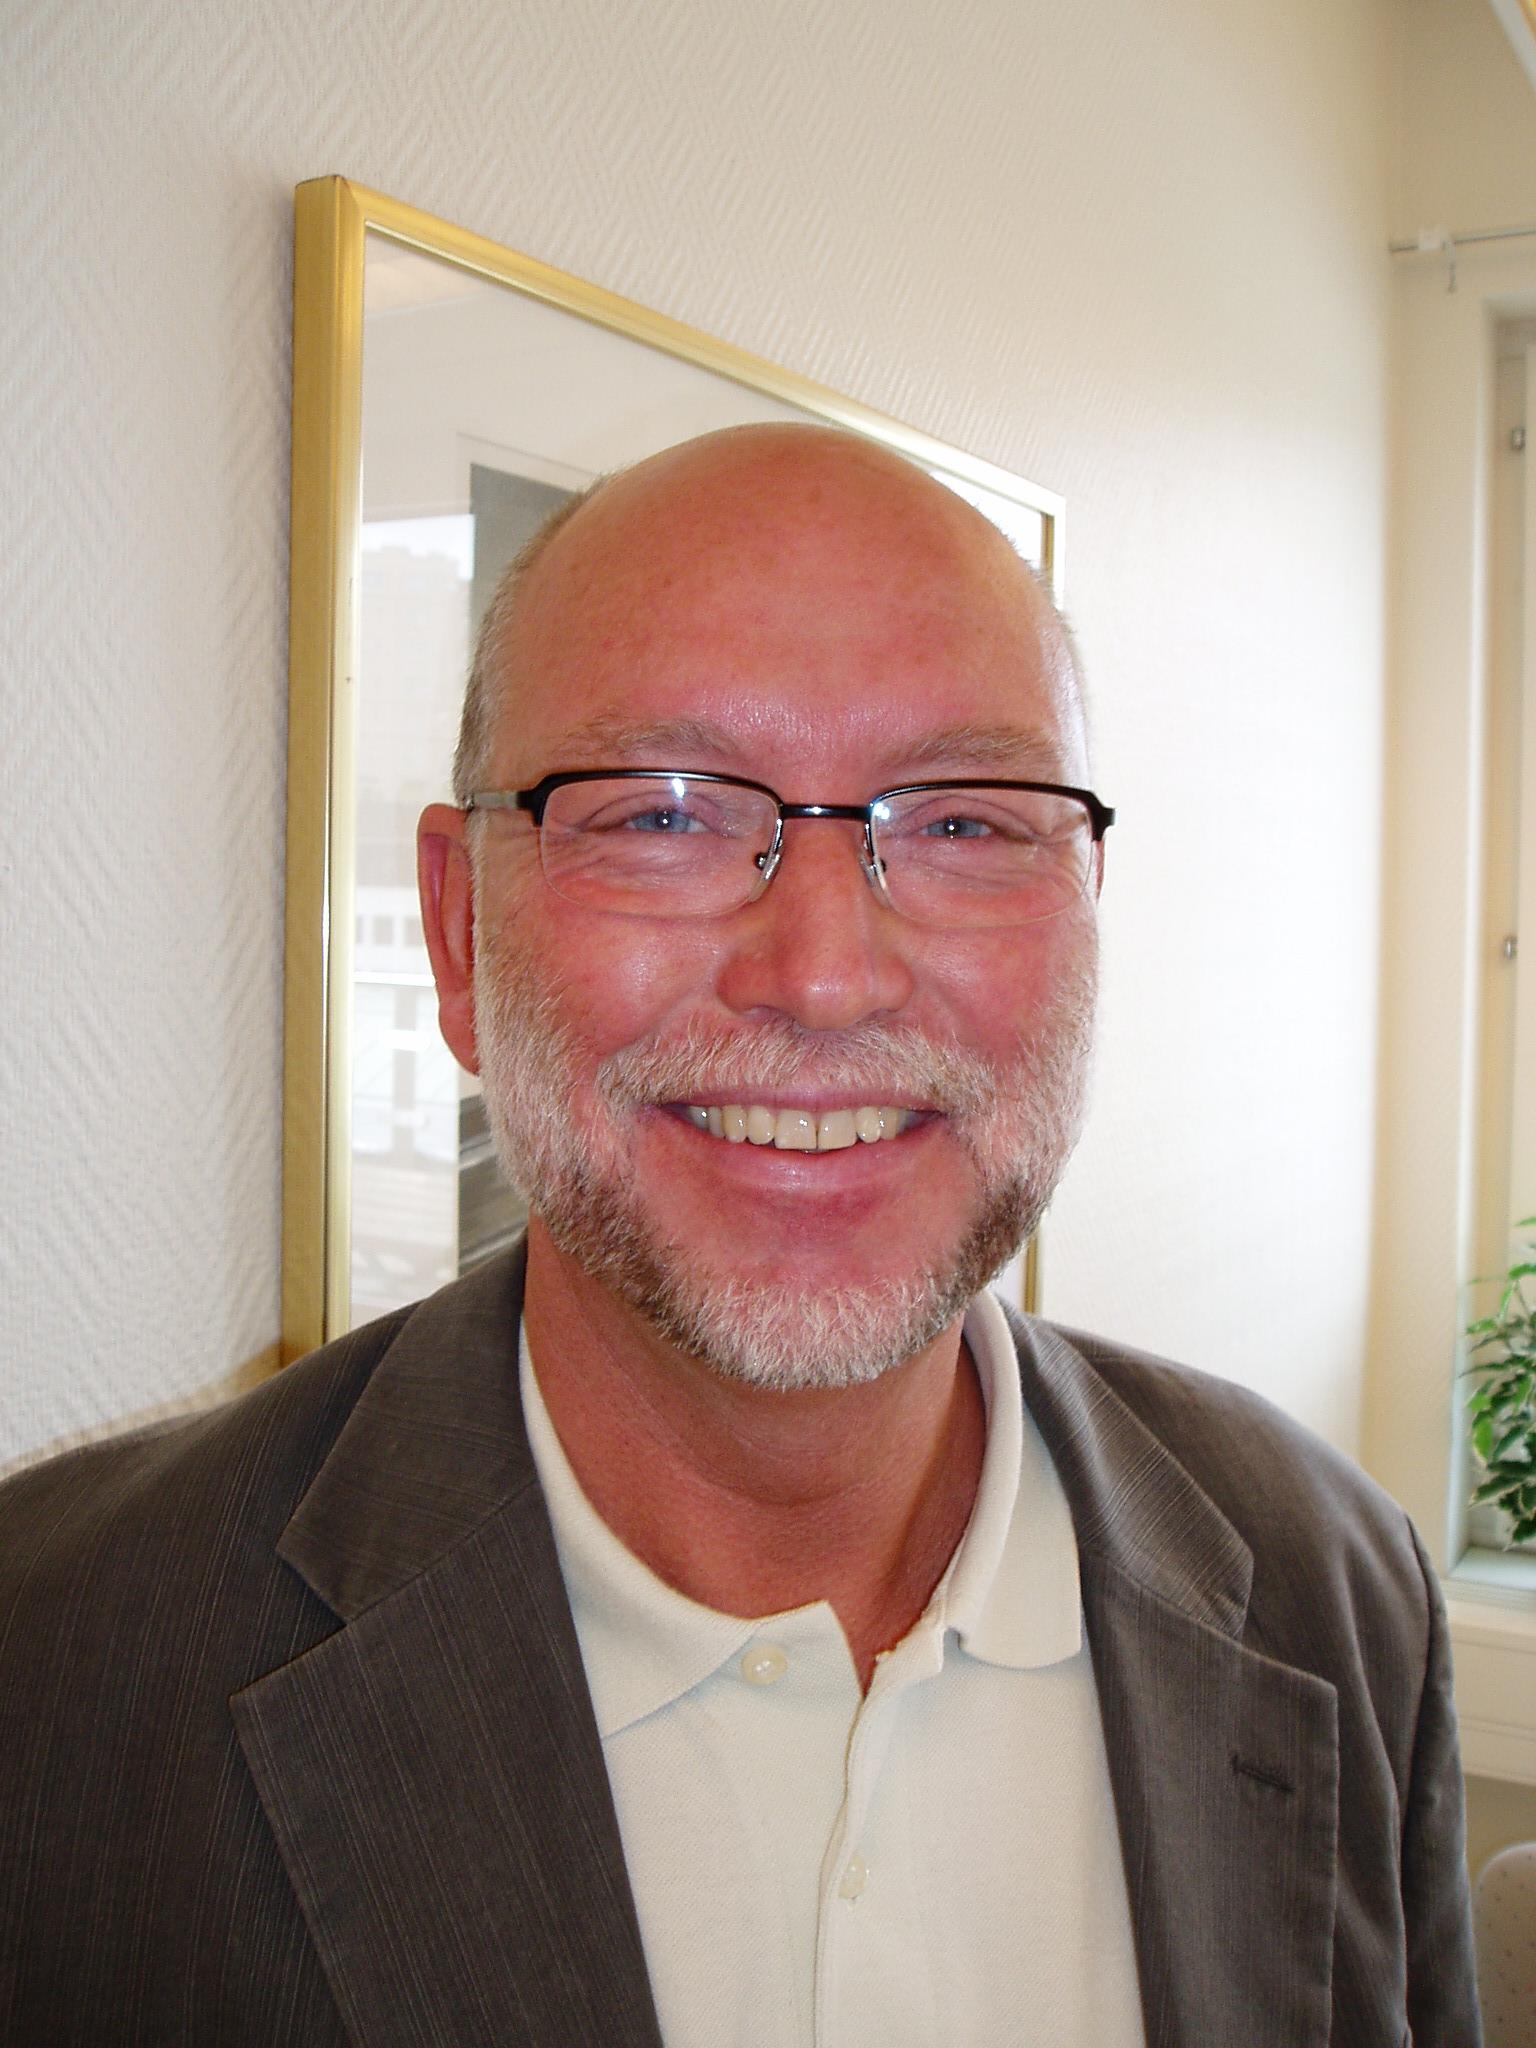 Sven-Olof Petterson